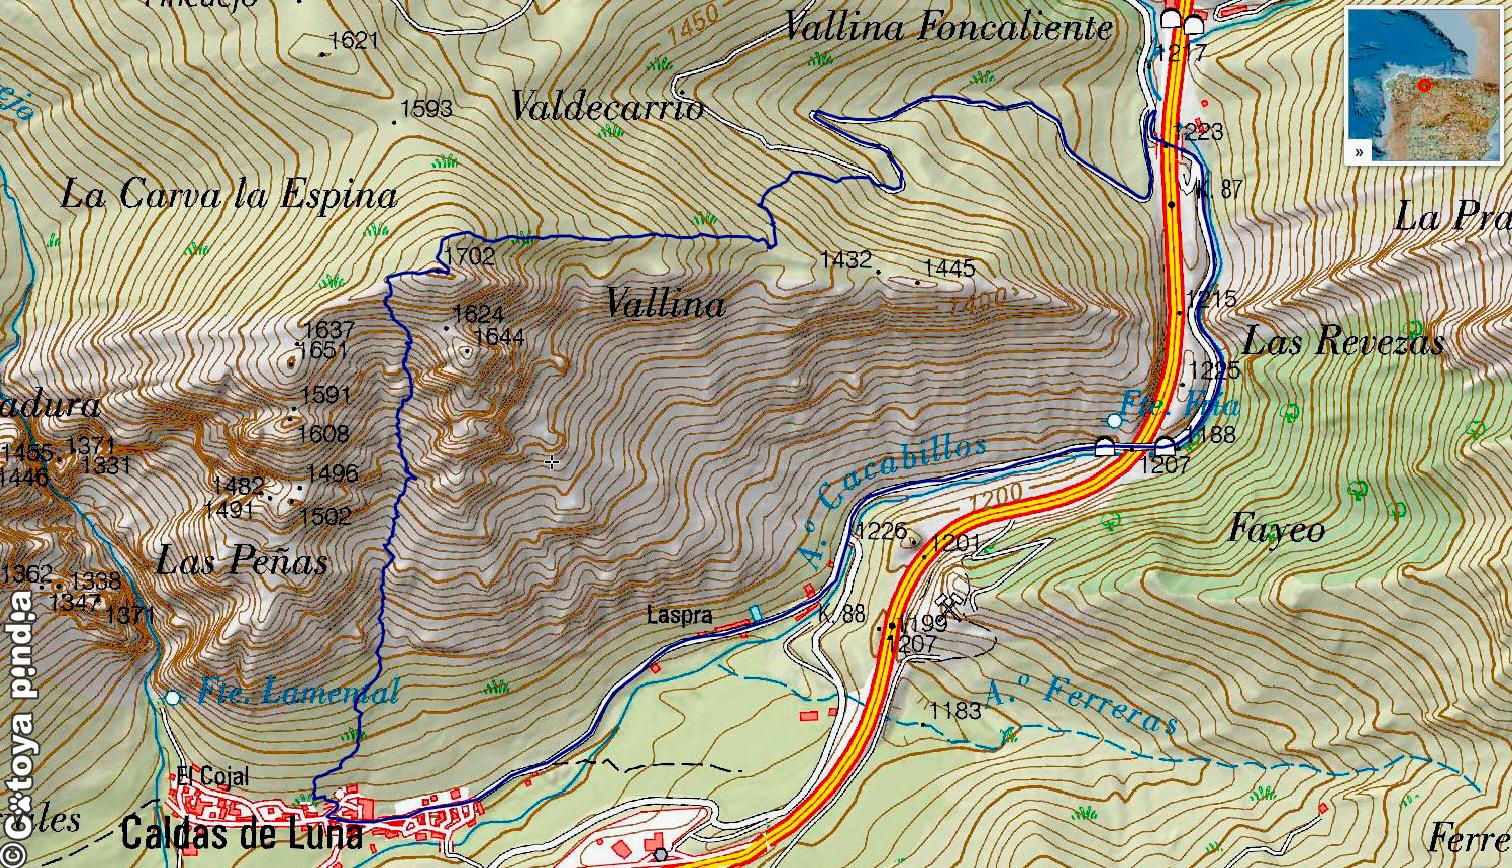 Mapa IGN de la ruta a la Carva la Espina desde Caldas de Luna en el Parque Natural Valles de Babia y Luna